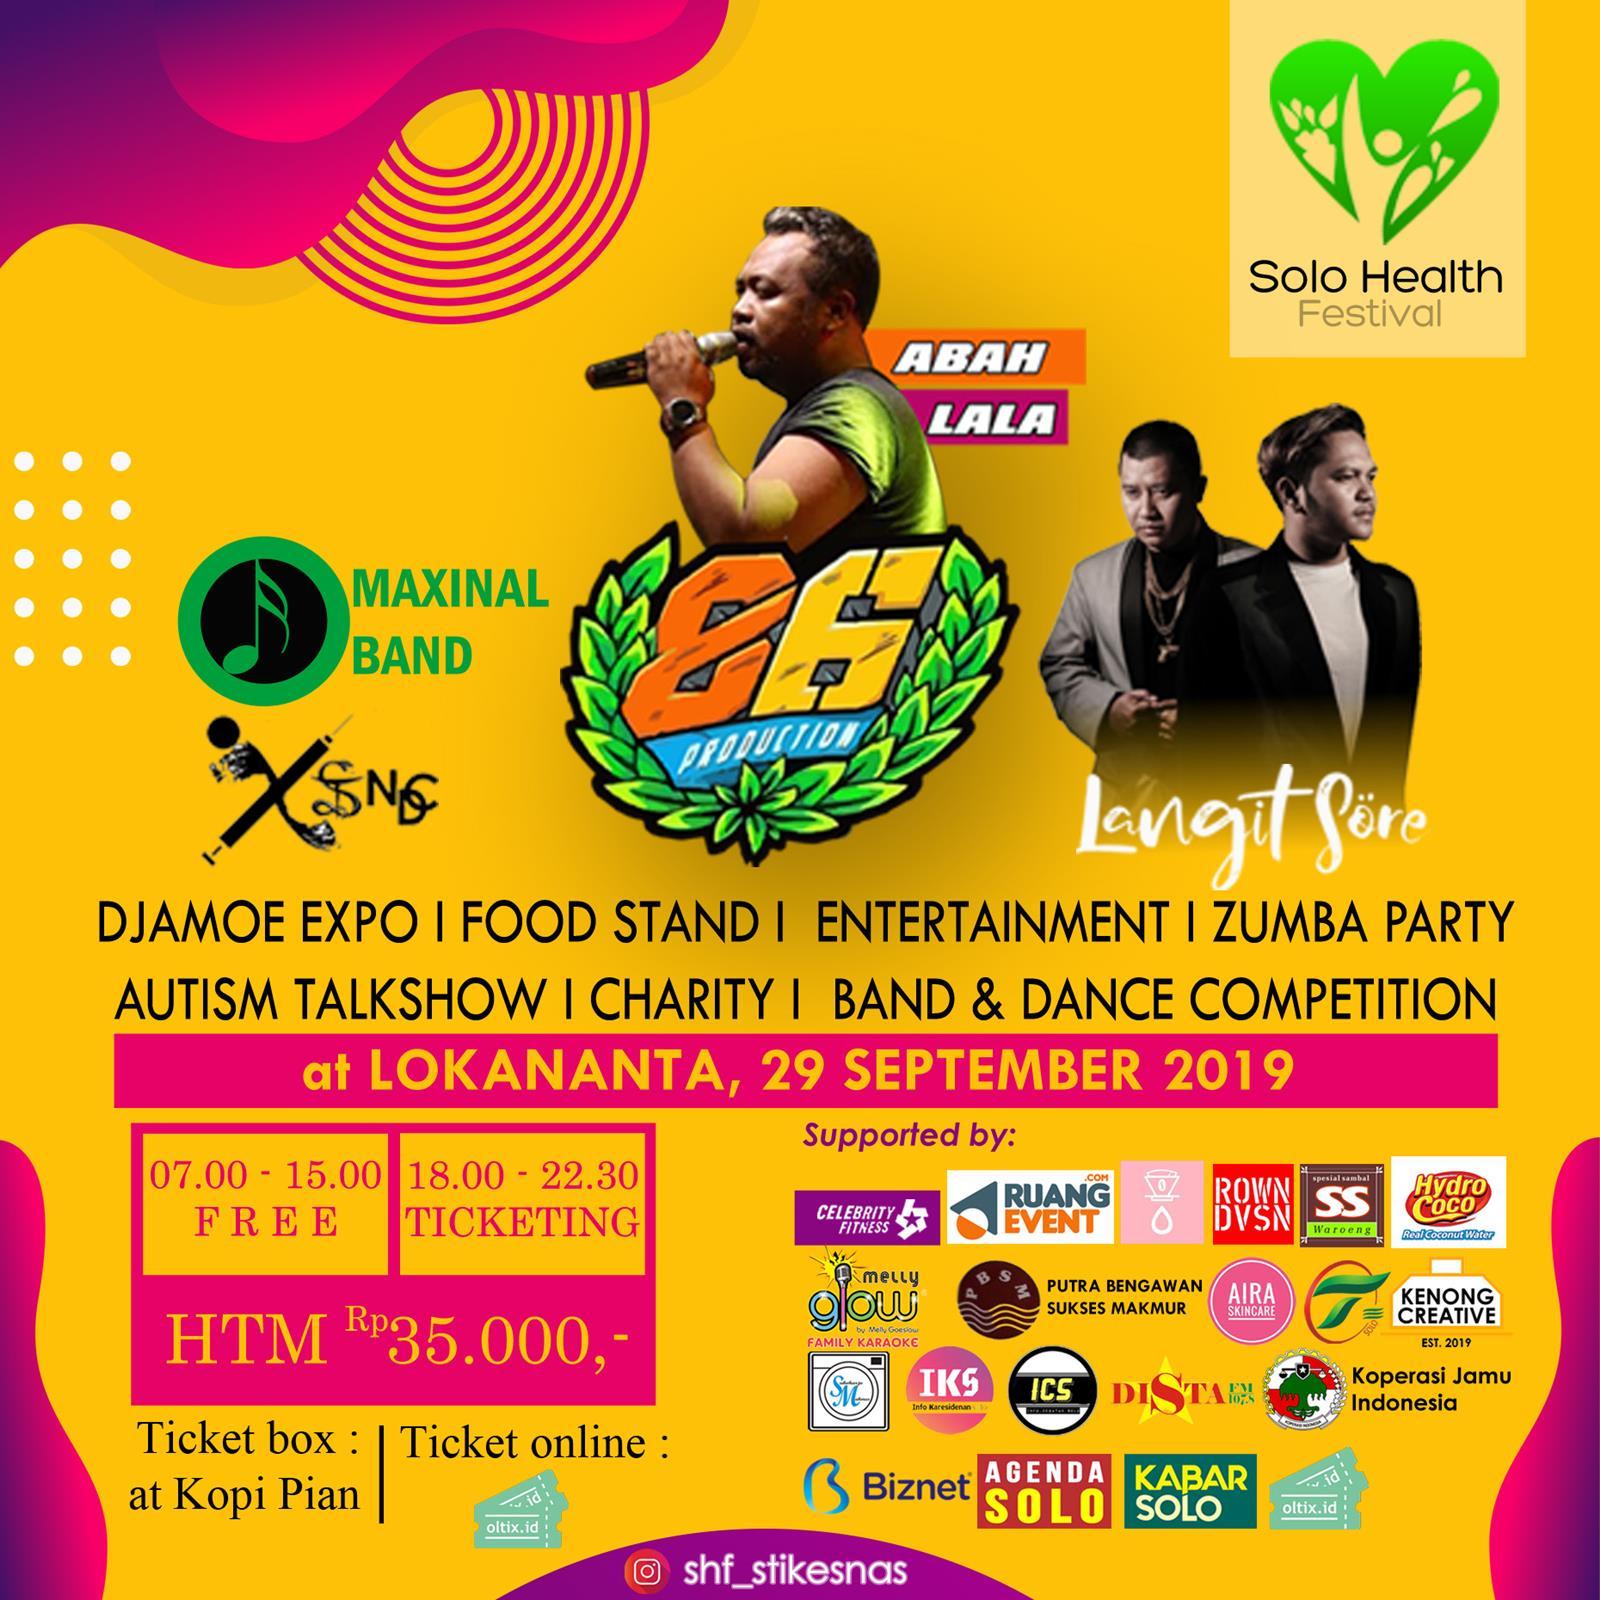 Solo Health Festival 2019